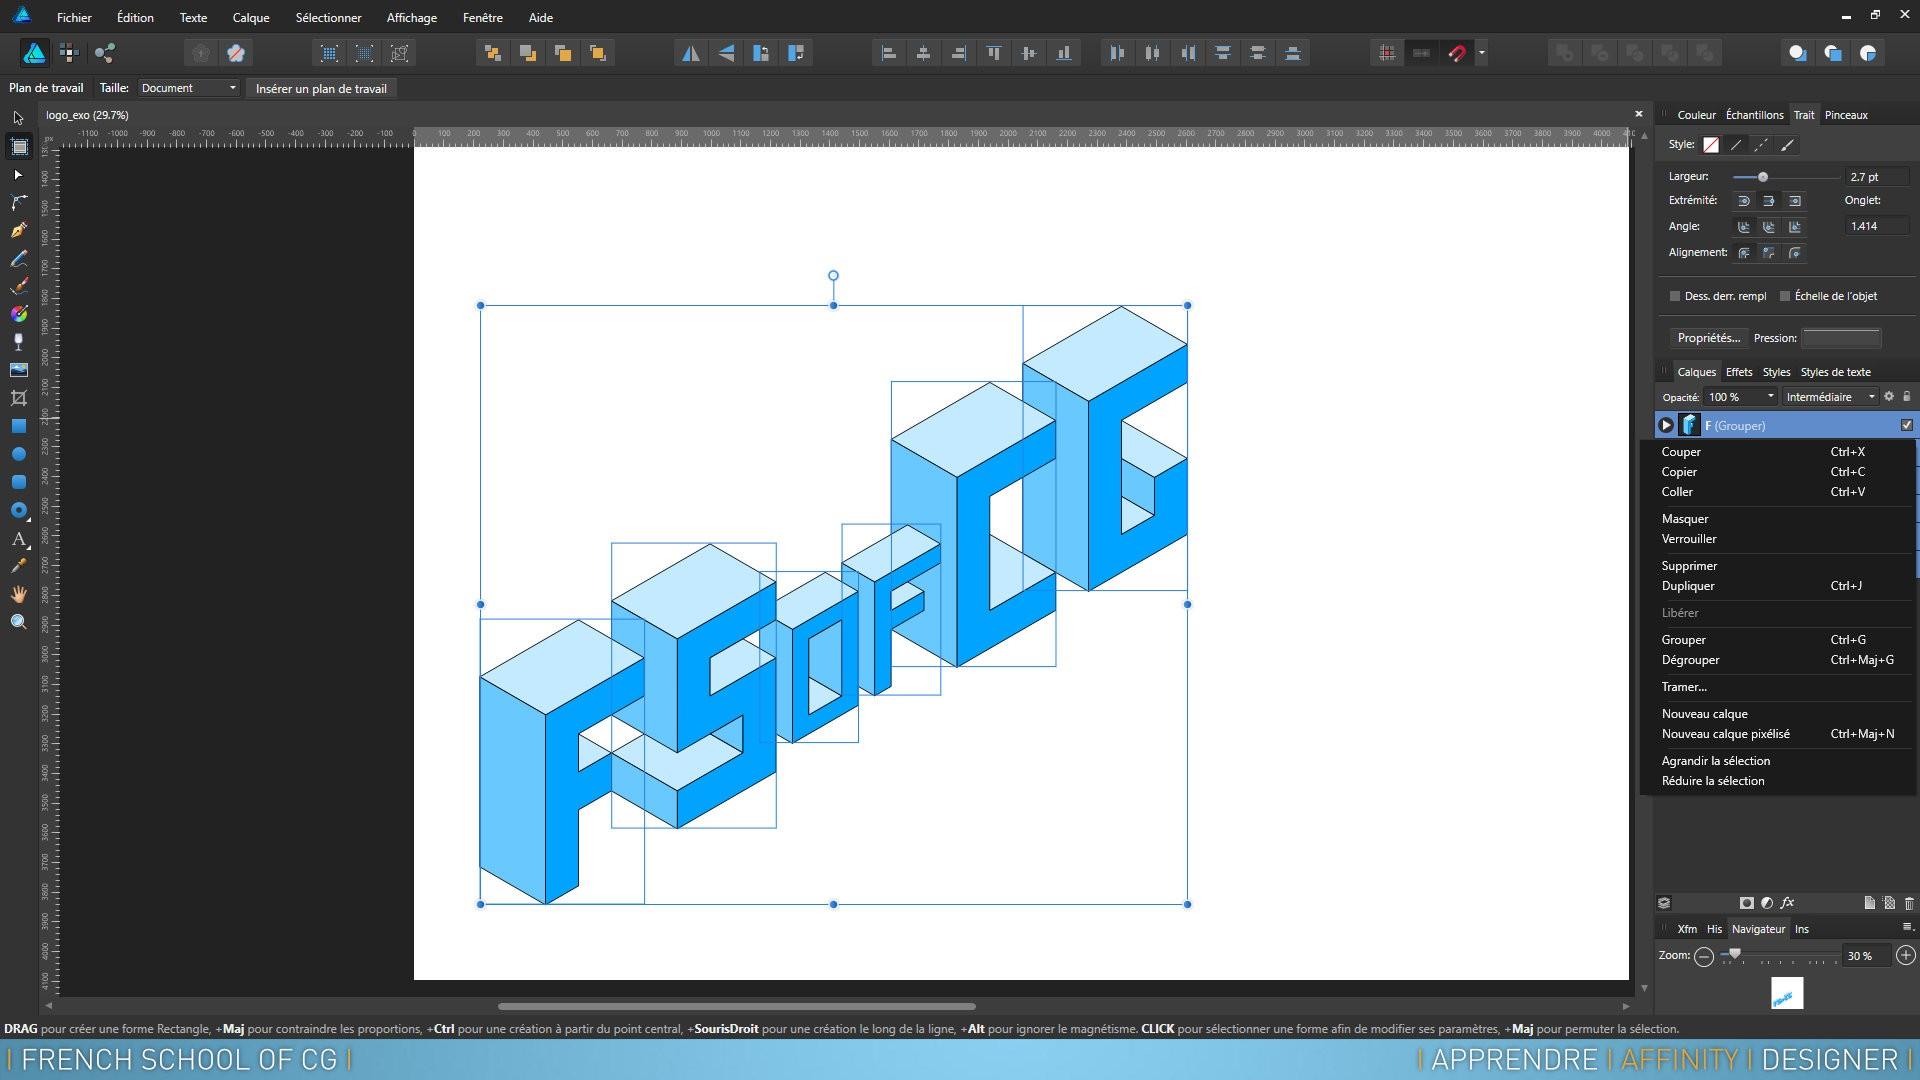 Tuto Apprendre Affinity Designer La Formation Complète Avec Affinity Designer Sur Tutocom